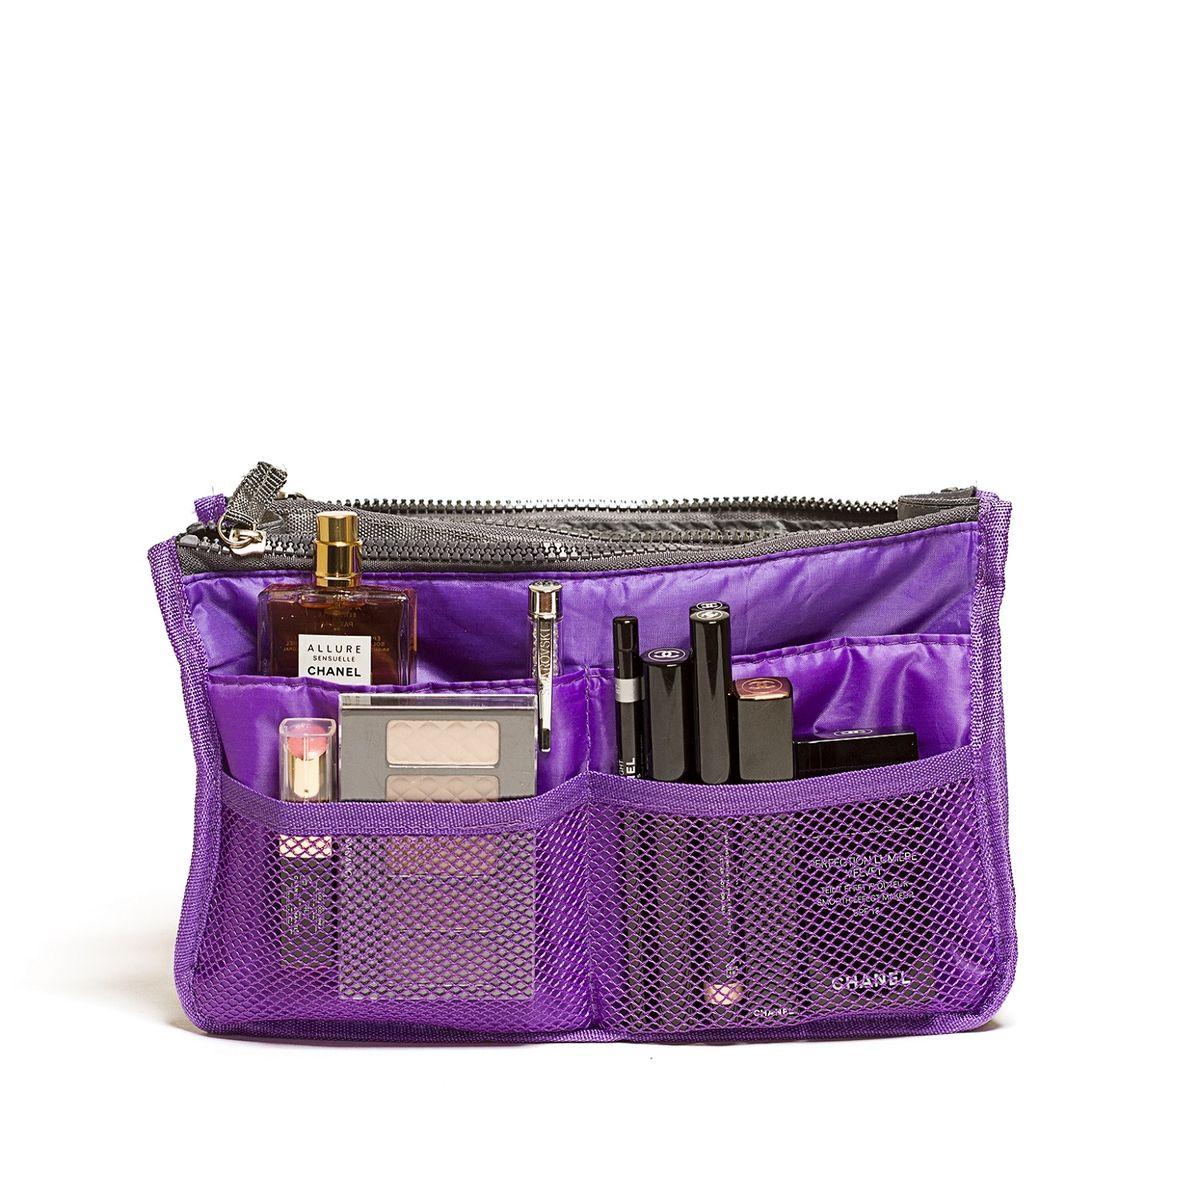 """Органайзер для сумки """"Homsu"""" выполнен из  полиэстера и текстиля. Этот органайзер для сумки  имеет три  вместительных отделениях для вещей, четыре  кармашка по бокам и шесть кармашков в виде сетки.  Такой органайзер обеспечит  полный порядок в вашей сумке. Данный аксессуар  обладает быстрой регулировкой толщины с помощью  кнопок. Органайзер оснащен двумя  крепкими ручками, что позволяет применять его и вне  сумки."""